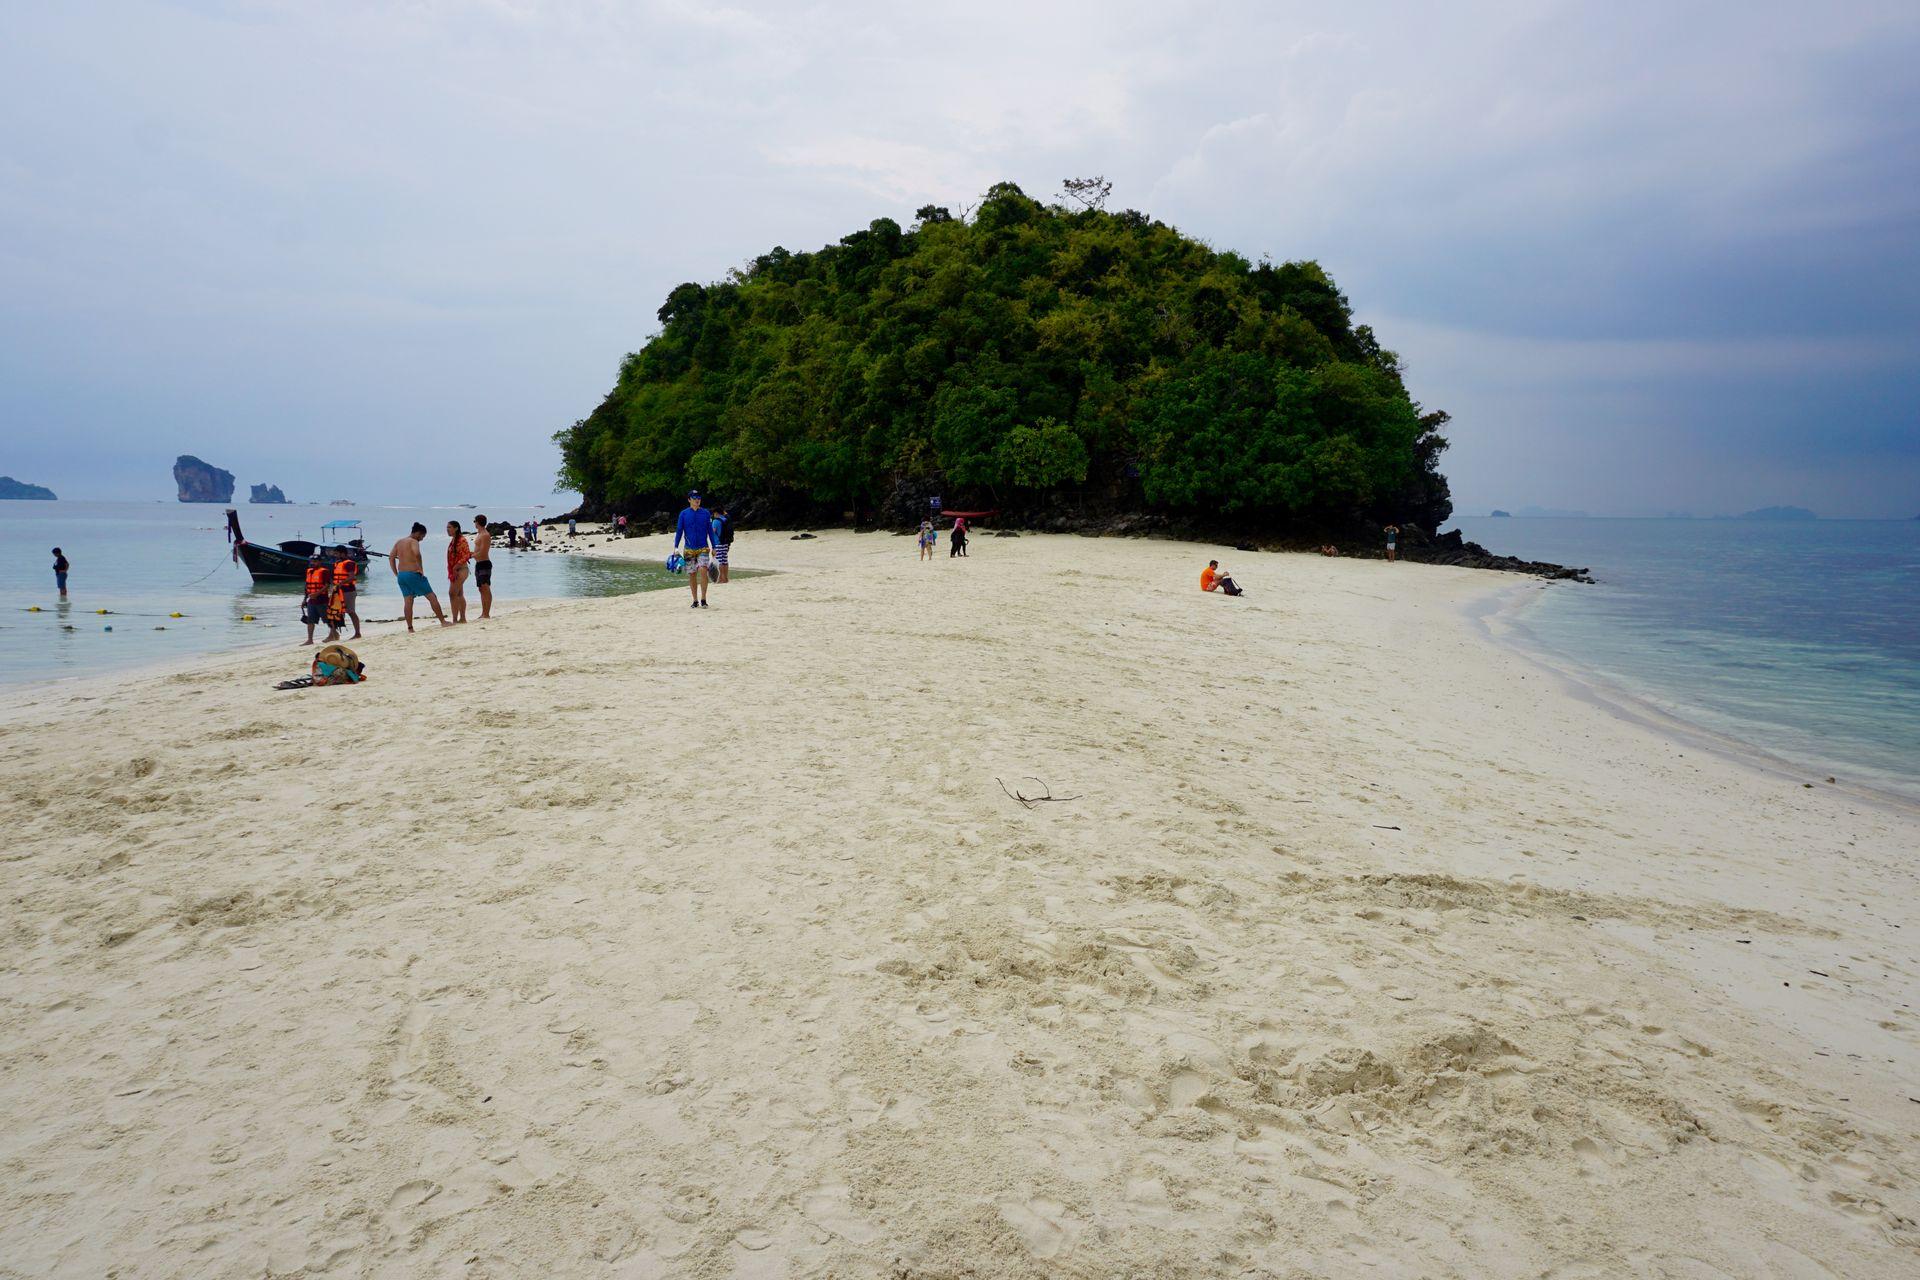 Weihnachtsessen Island.Weihnachten Private 4 Islands Sunset Tour In Krabi Vakantio